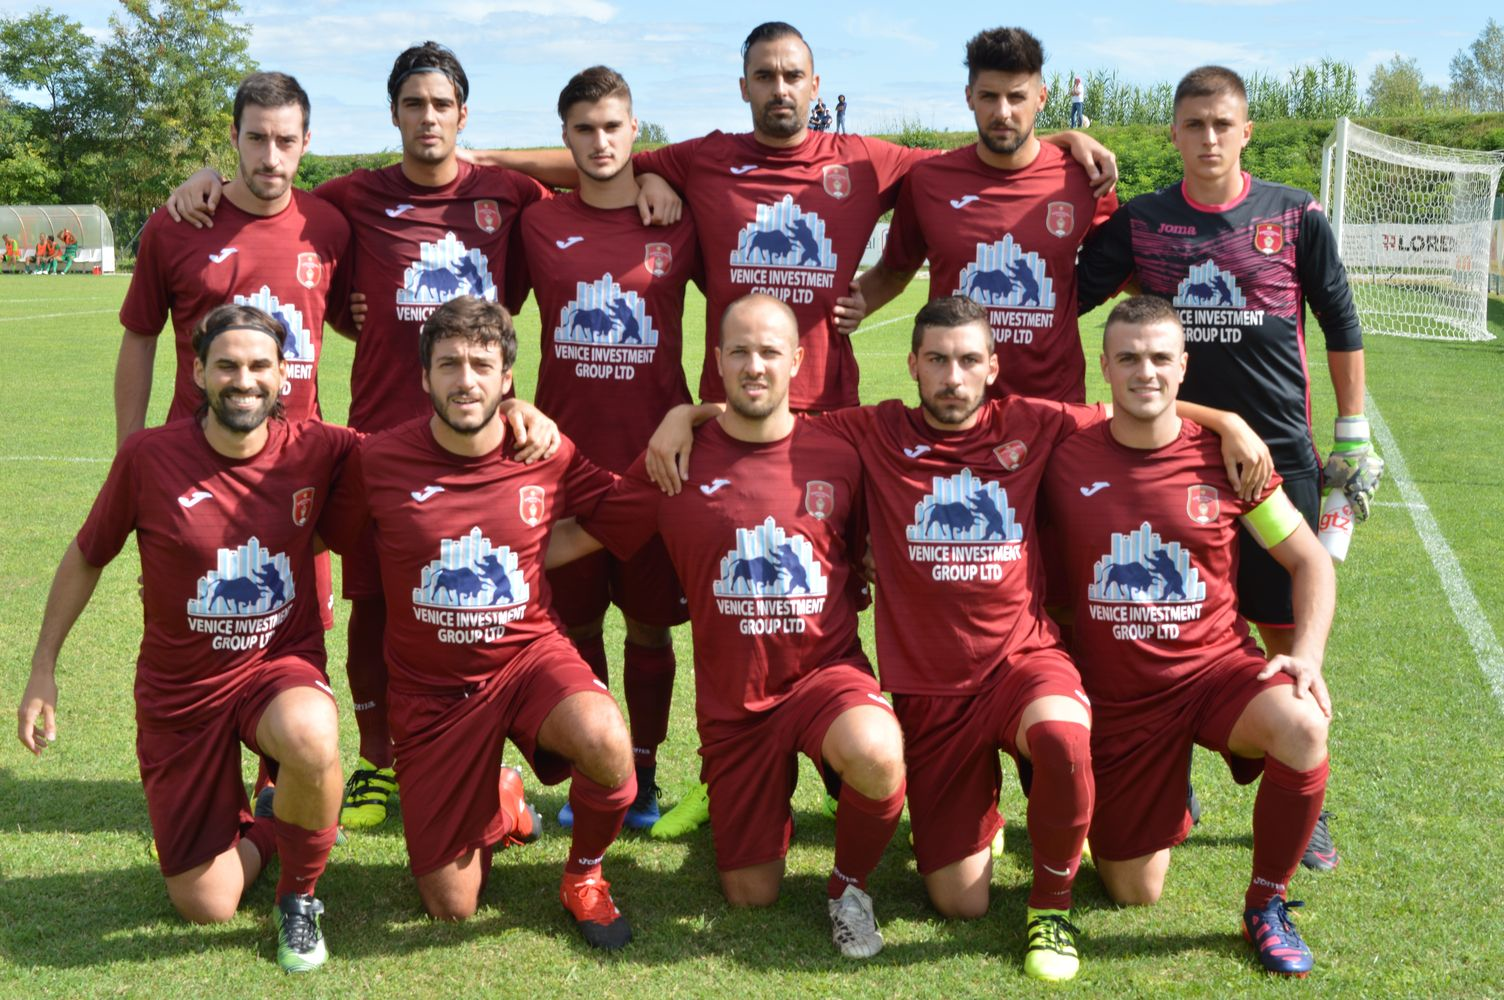 La rosa del Portogruaro, giunto al quinto anno consecutivo in Promozione